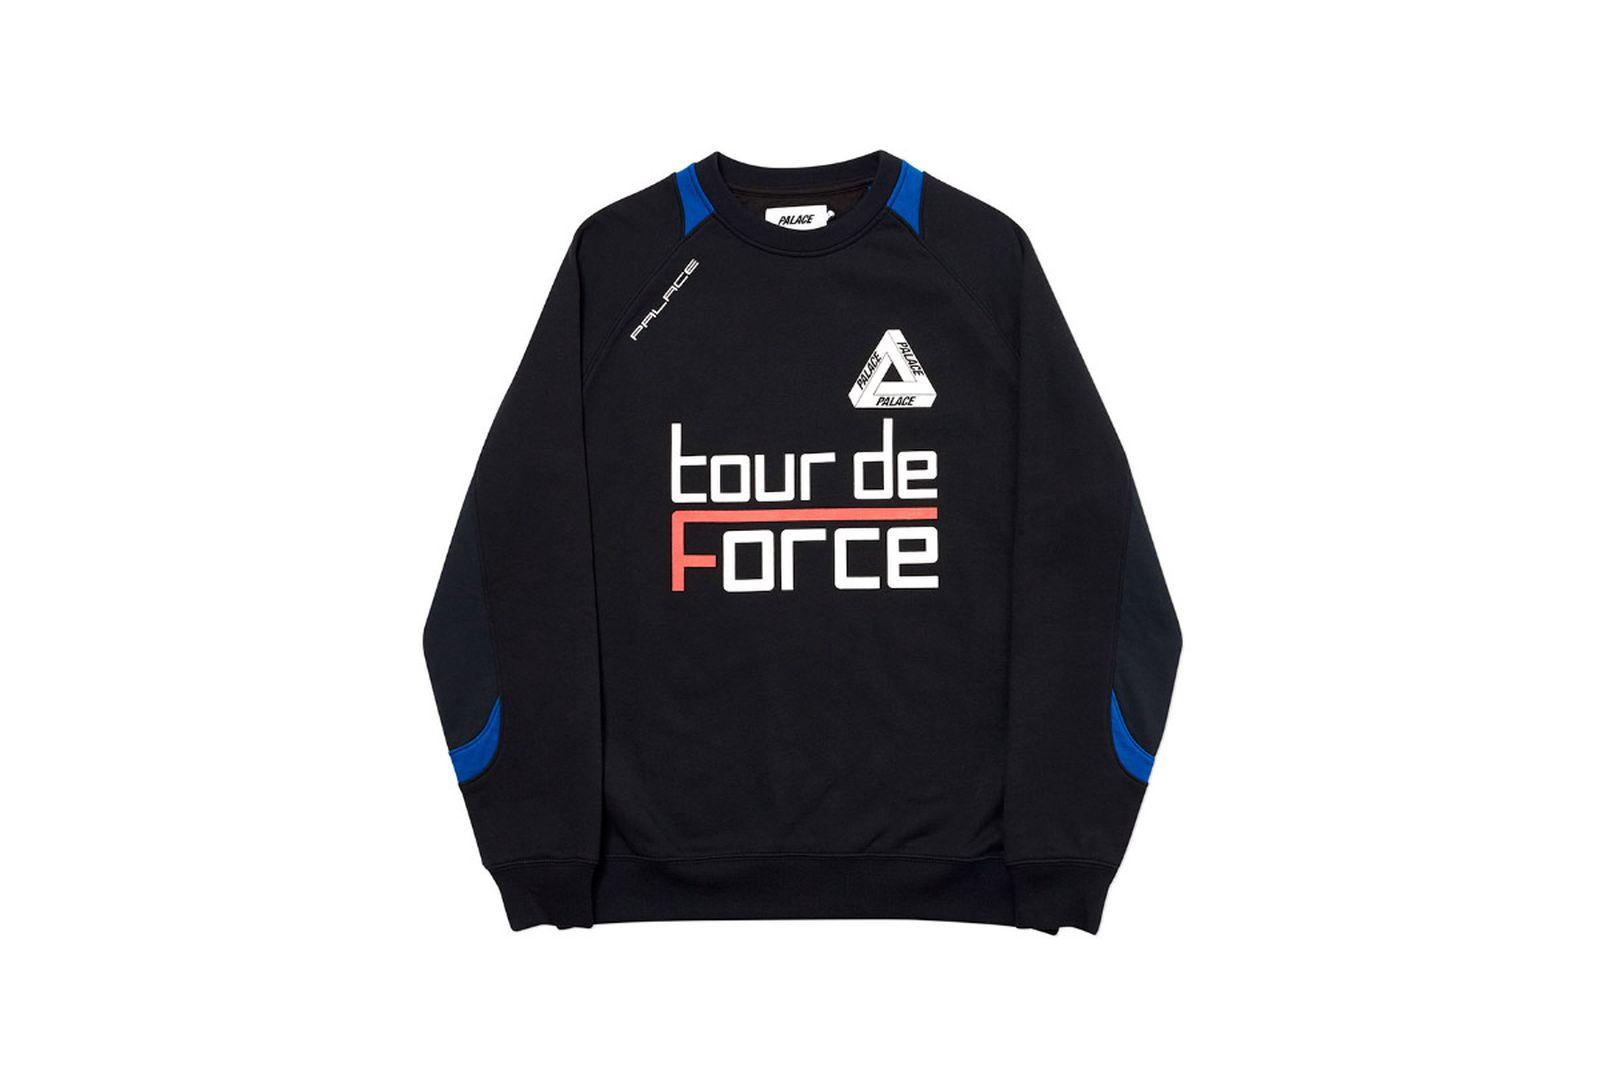 Palace 2019 Autumn Crew Tour De Force black front 2510 1